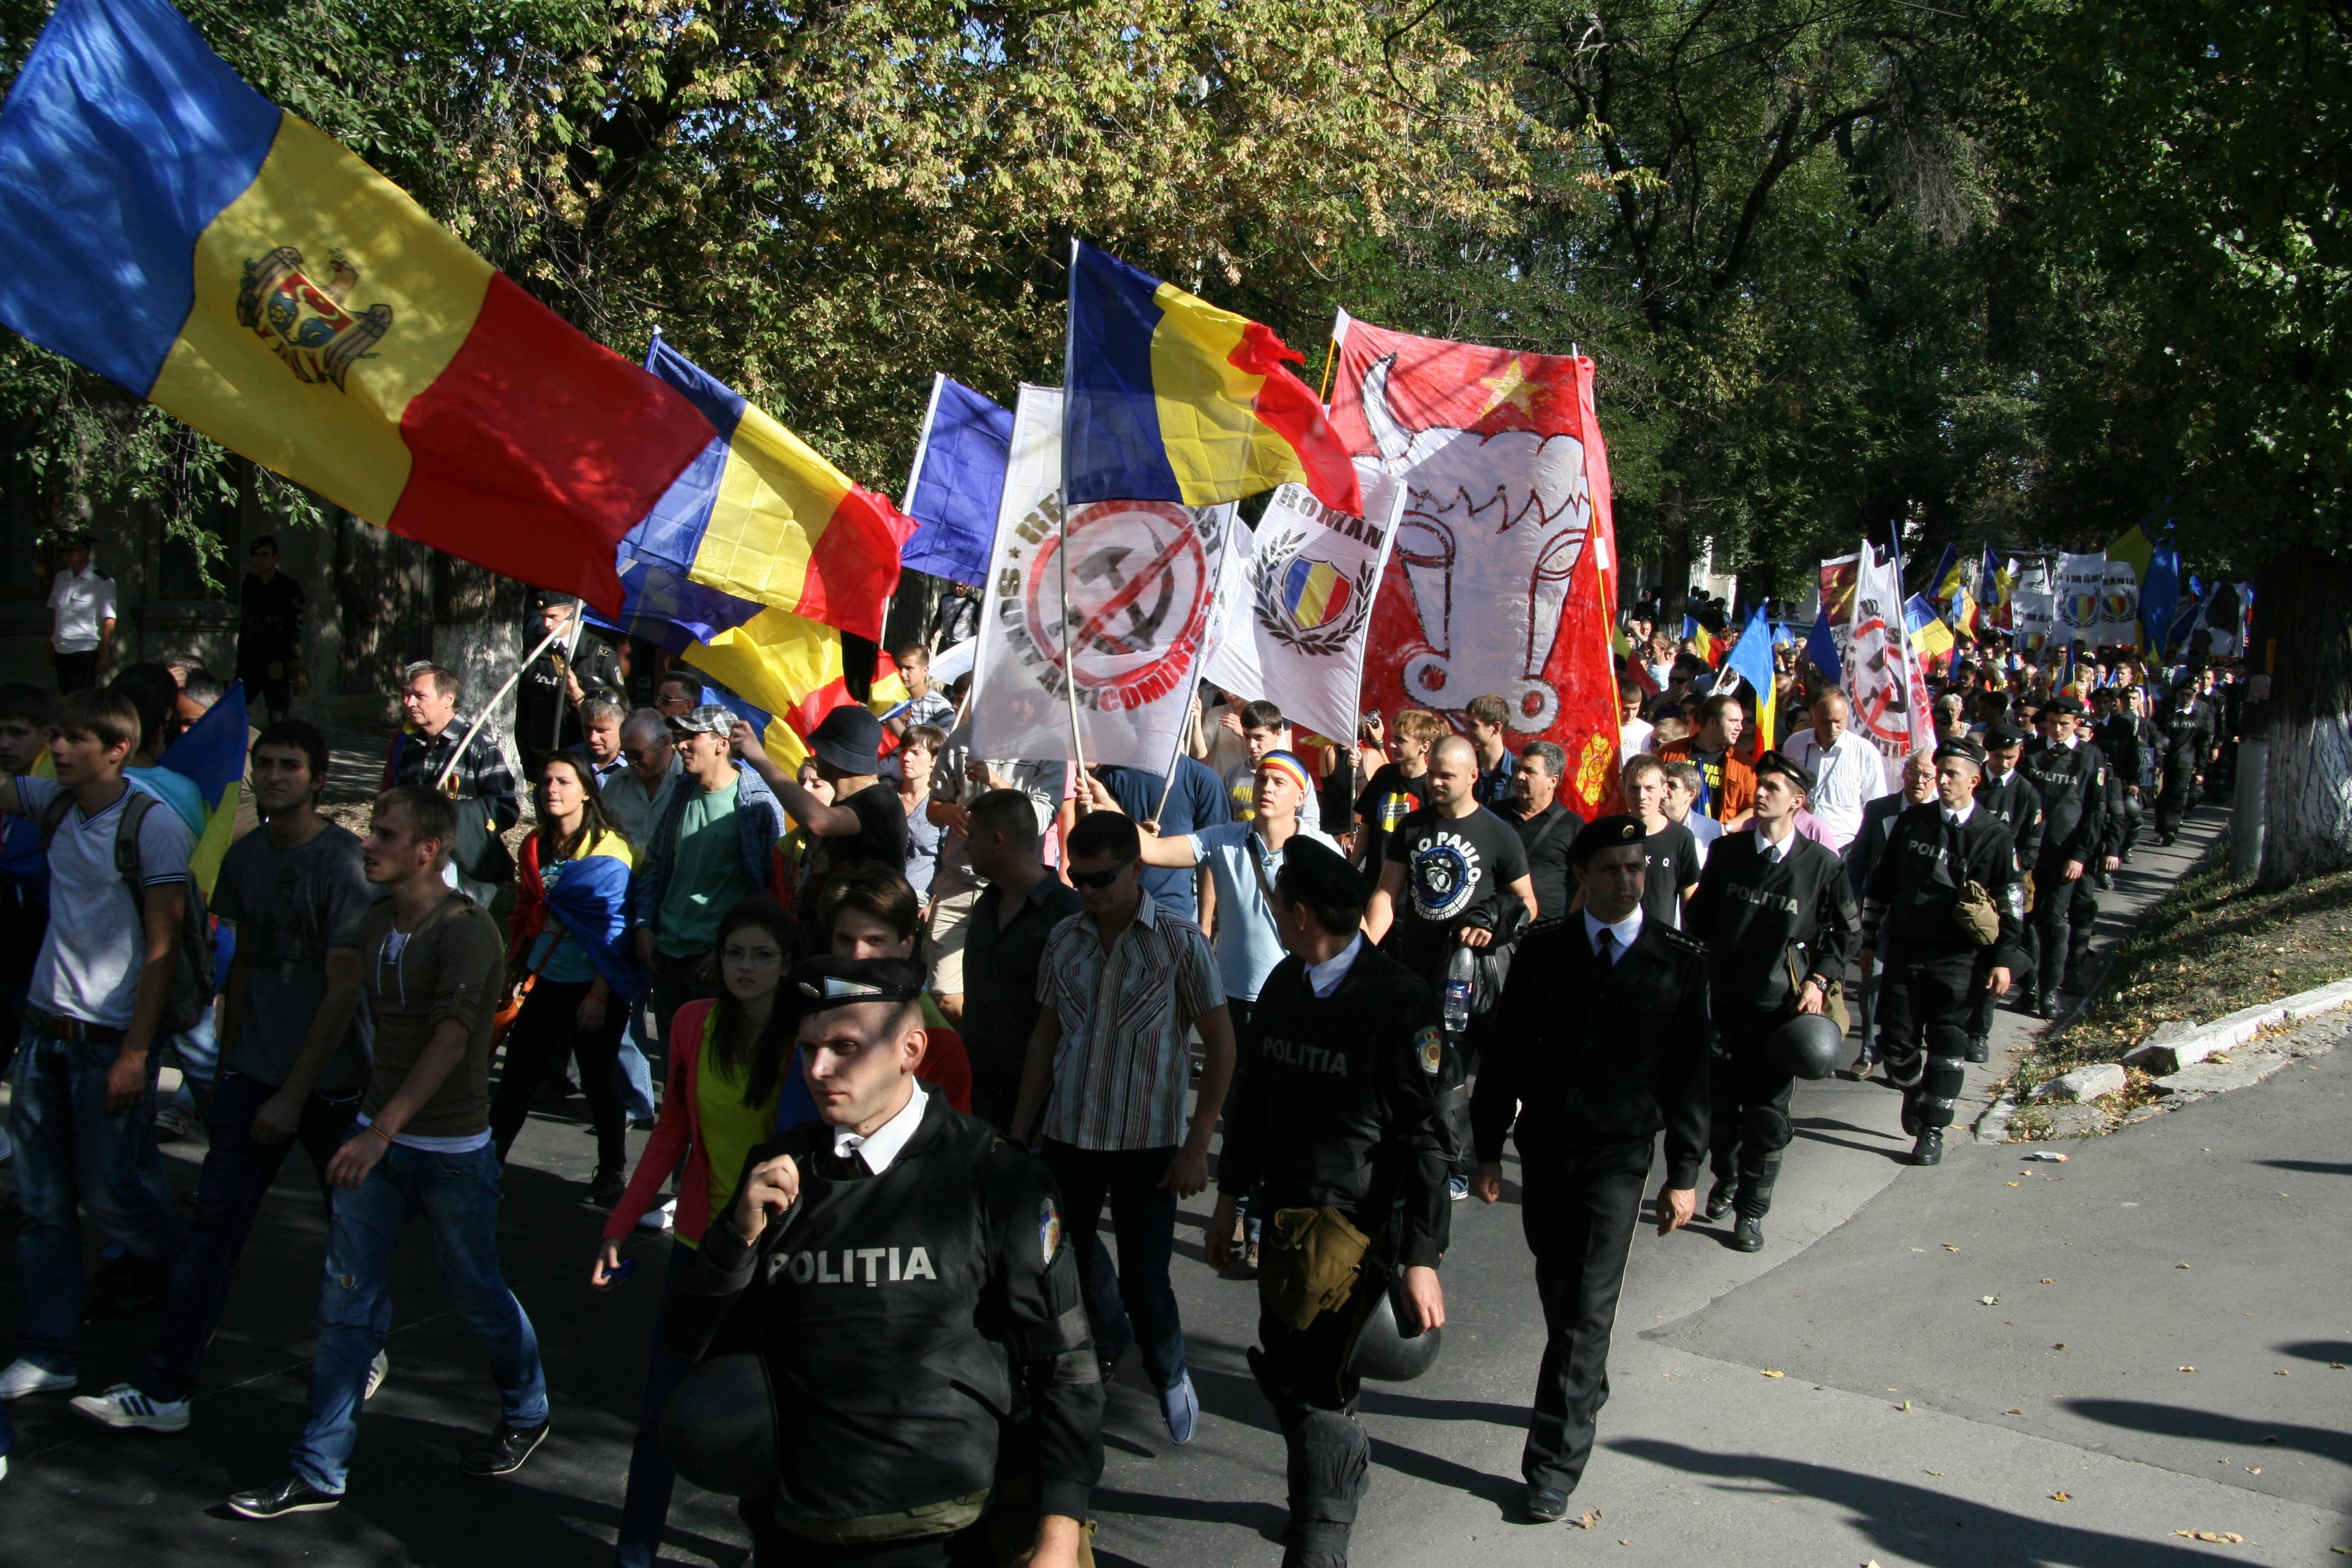 Chișinău: 10.000 de basarabeni au cerut în stradă Unirea